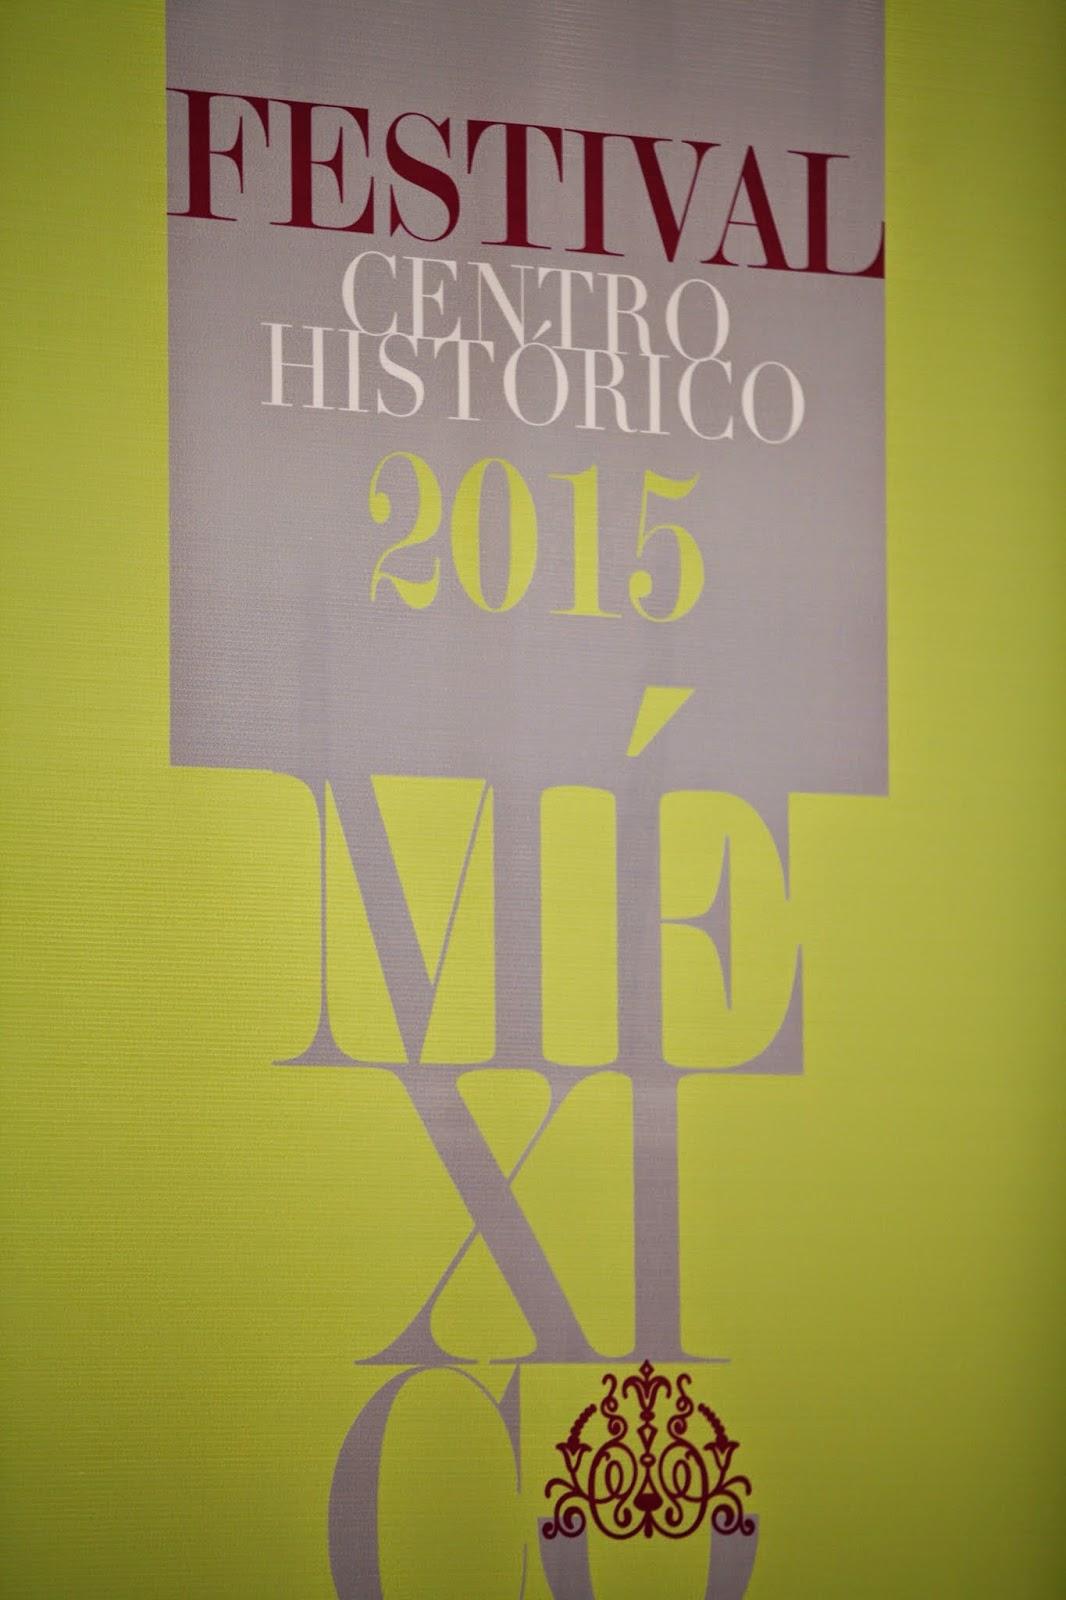 Anuncian el Festival del Centro Histórico de la Ciudad de México 2015 para Marzo y Abril